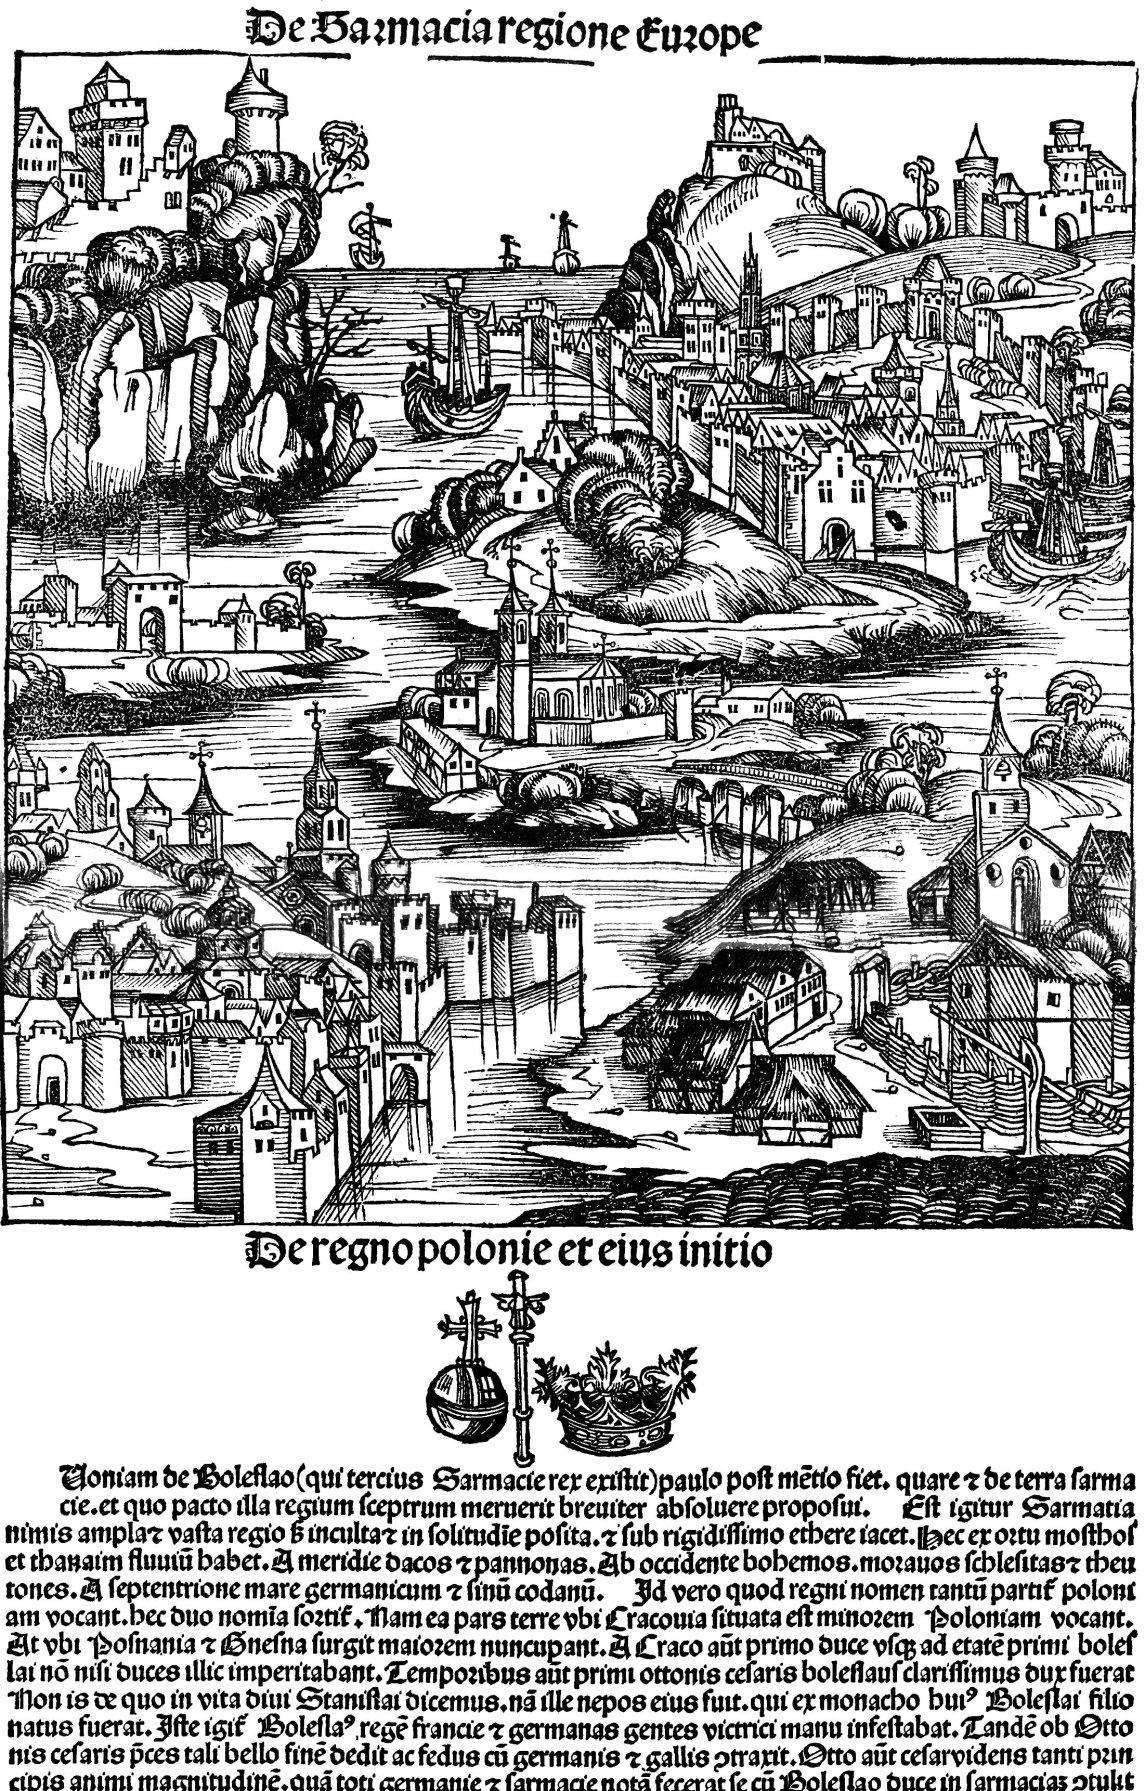 http://upload.wikimedia.org/wikipedia/commons/f/fc/Regno_Polonie_z_Kroniki_Schedla.jpg